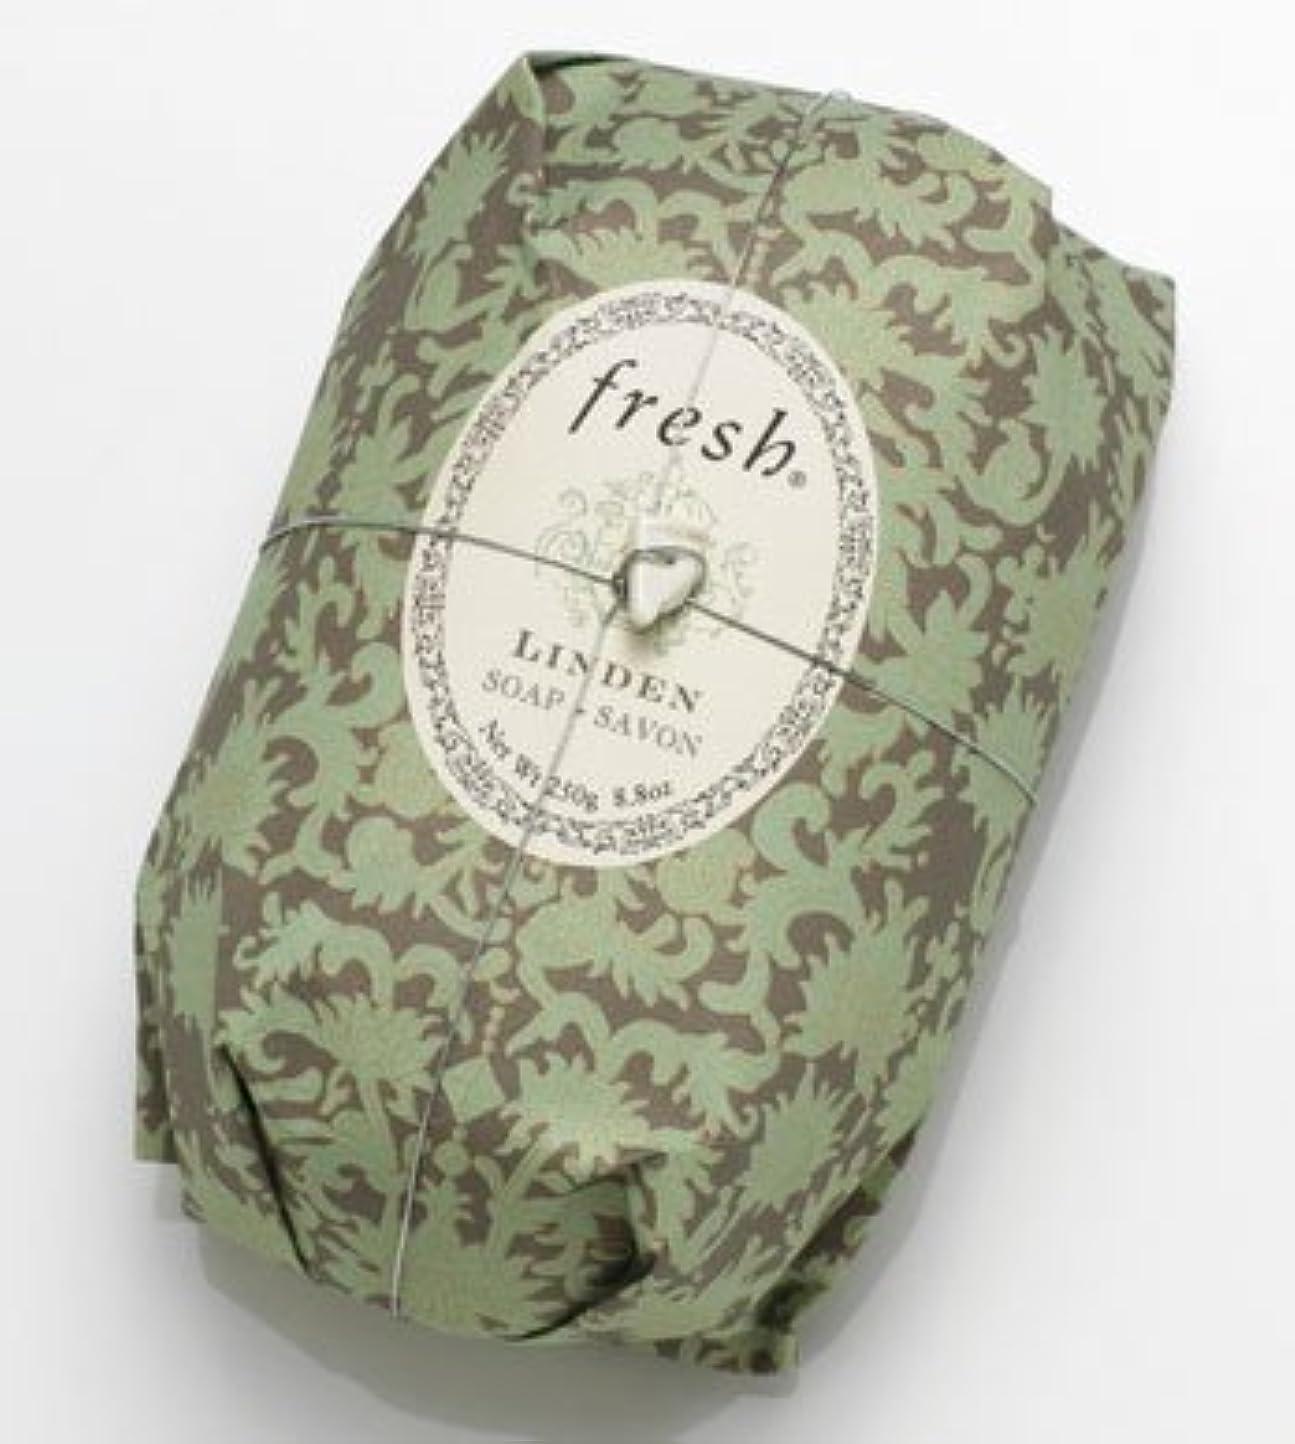 内陸サスペンション衣装Fresh LINDEN SOAP (フレッシュ リンデン ソープ) 8.8 oz (250g) Soap (石鹸) by Fresh